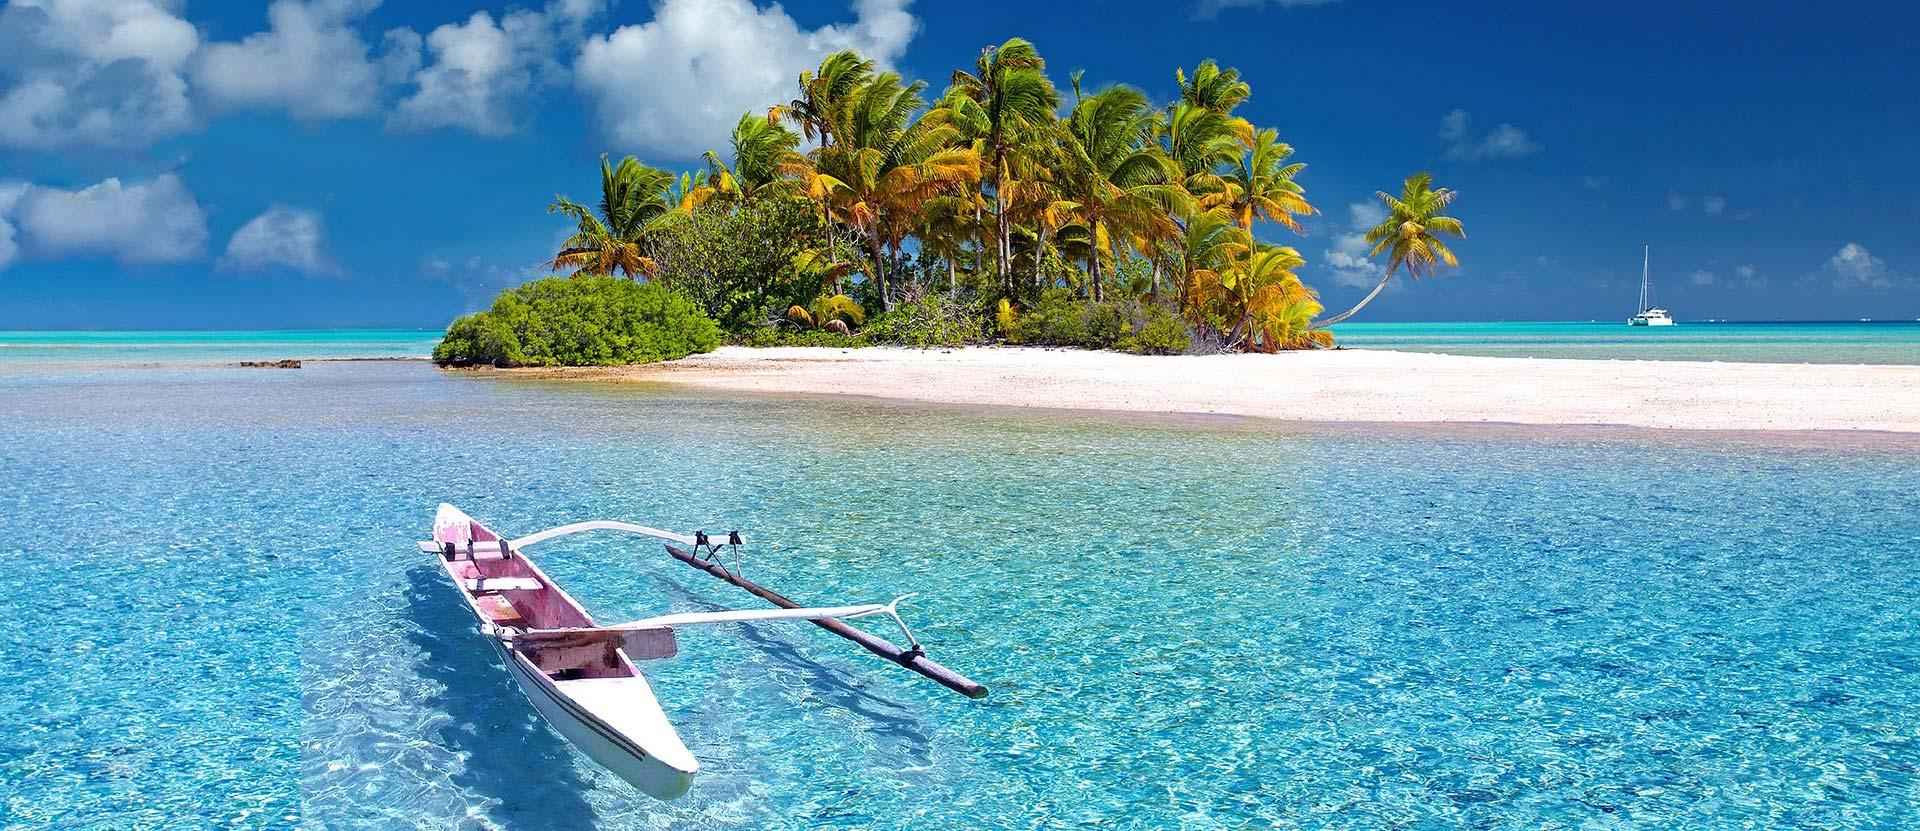 Bild einer Insel